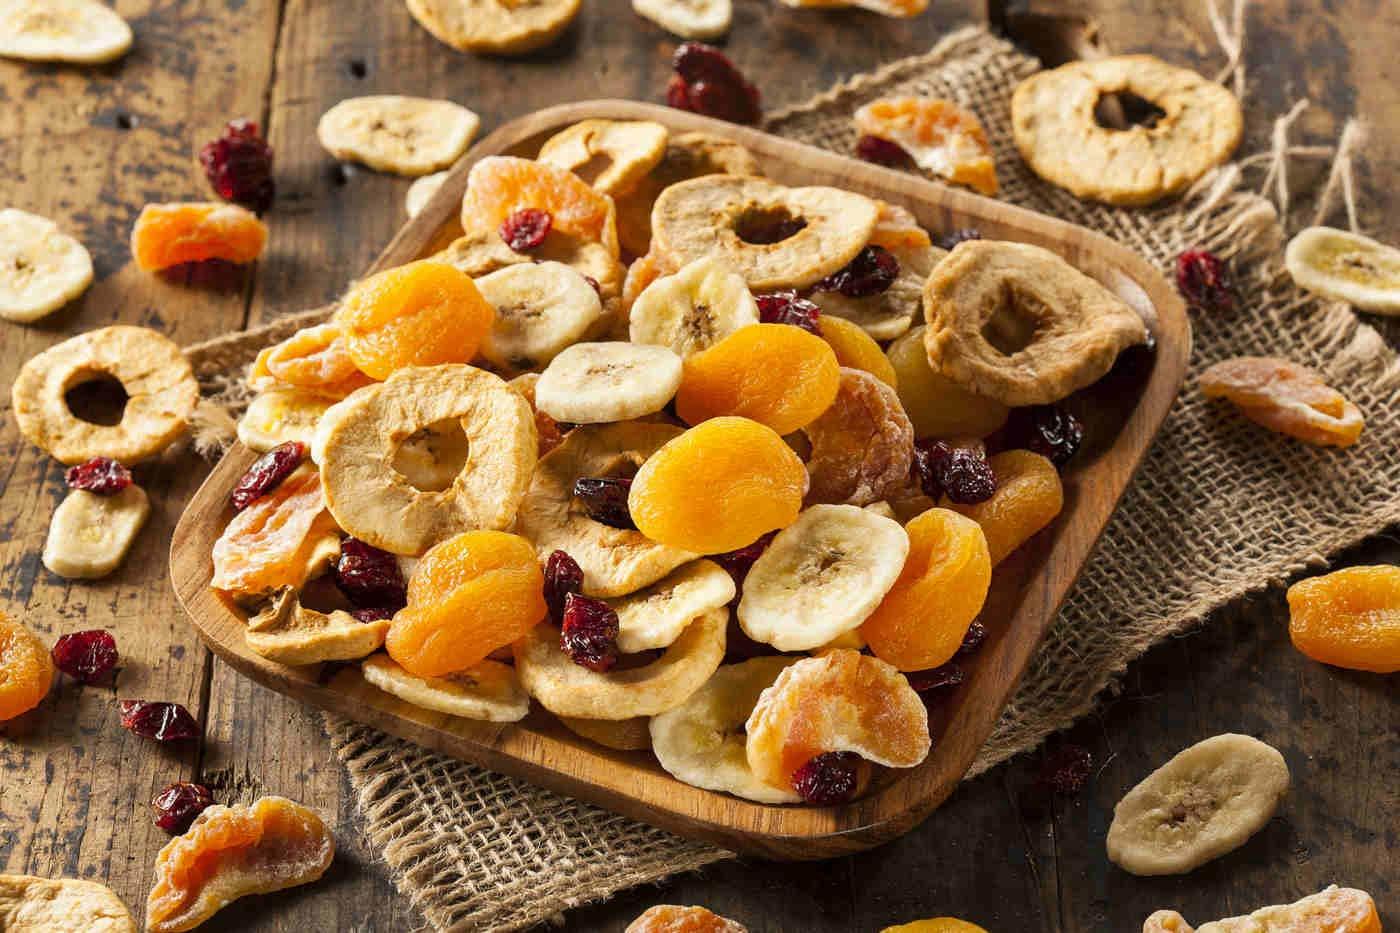 Fructele uscate - sunt sănătoase sau nu?